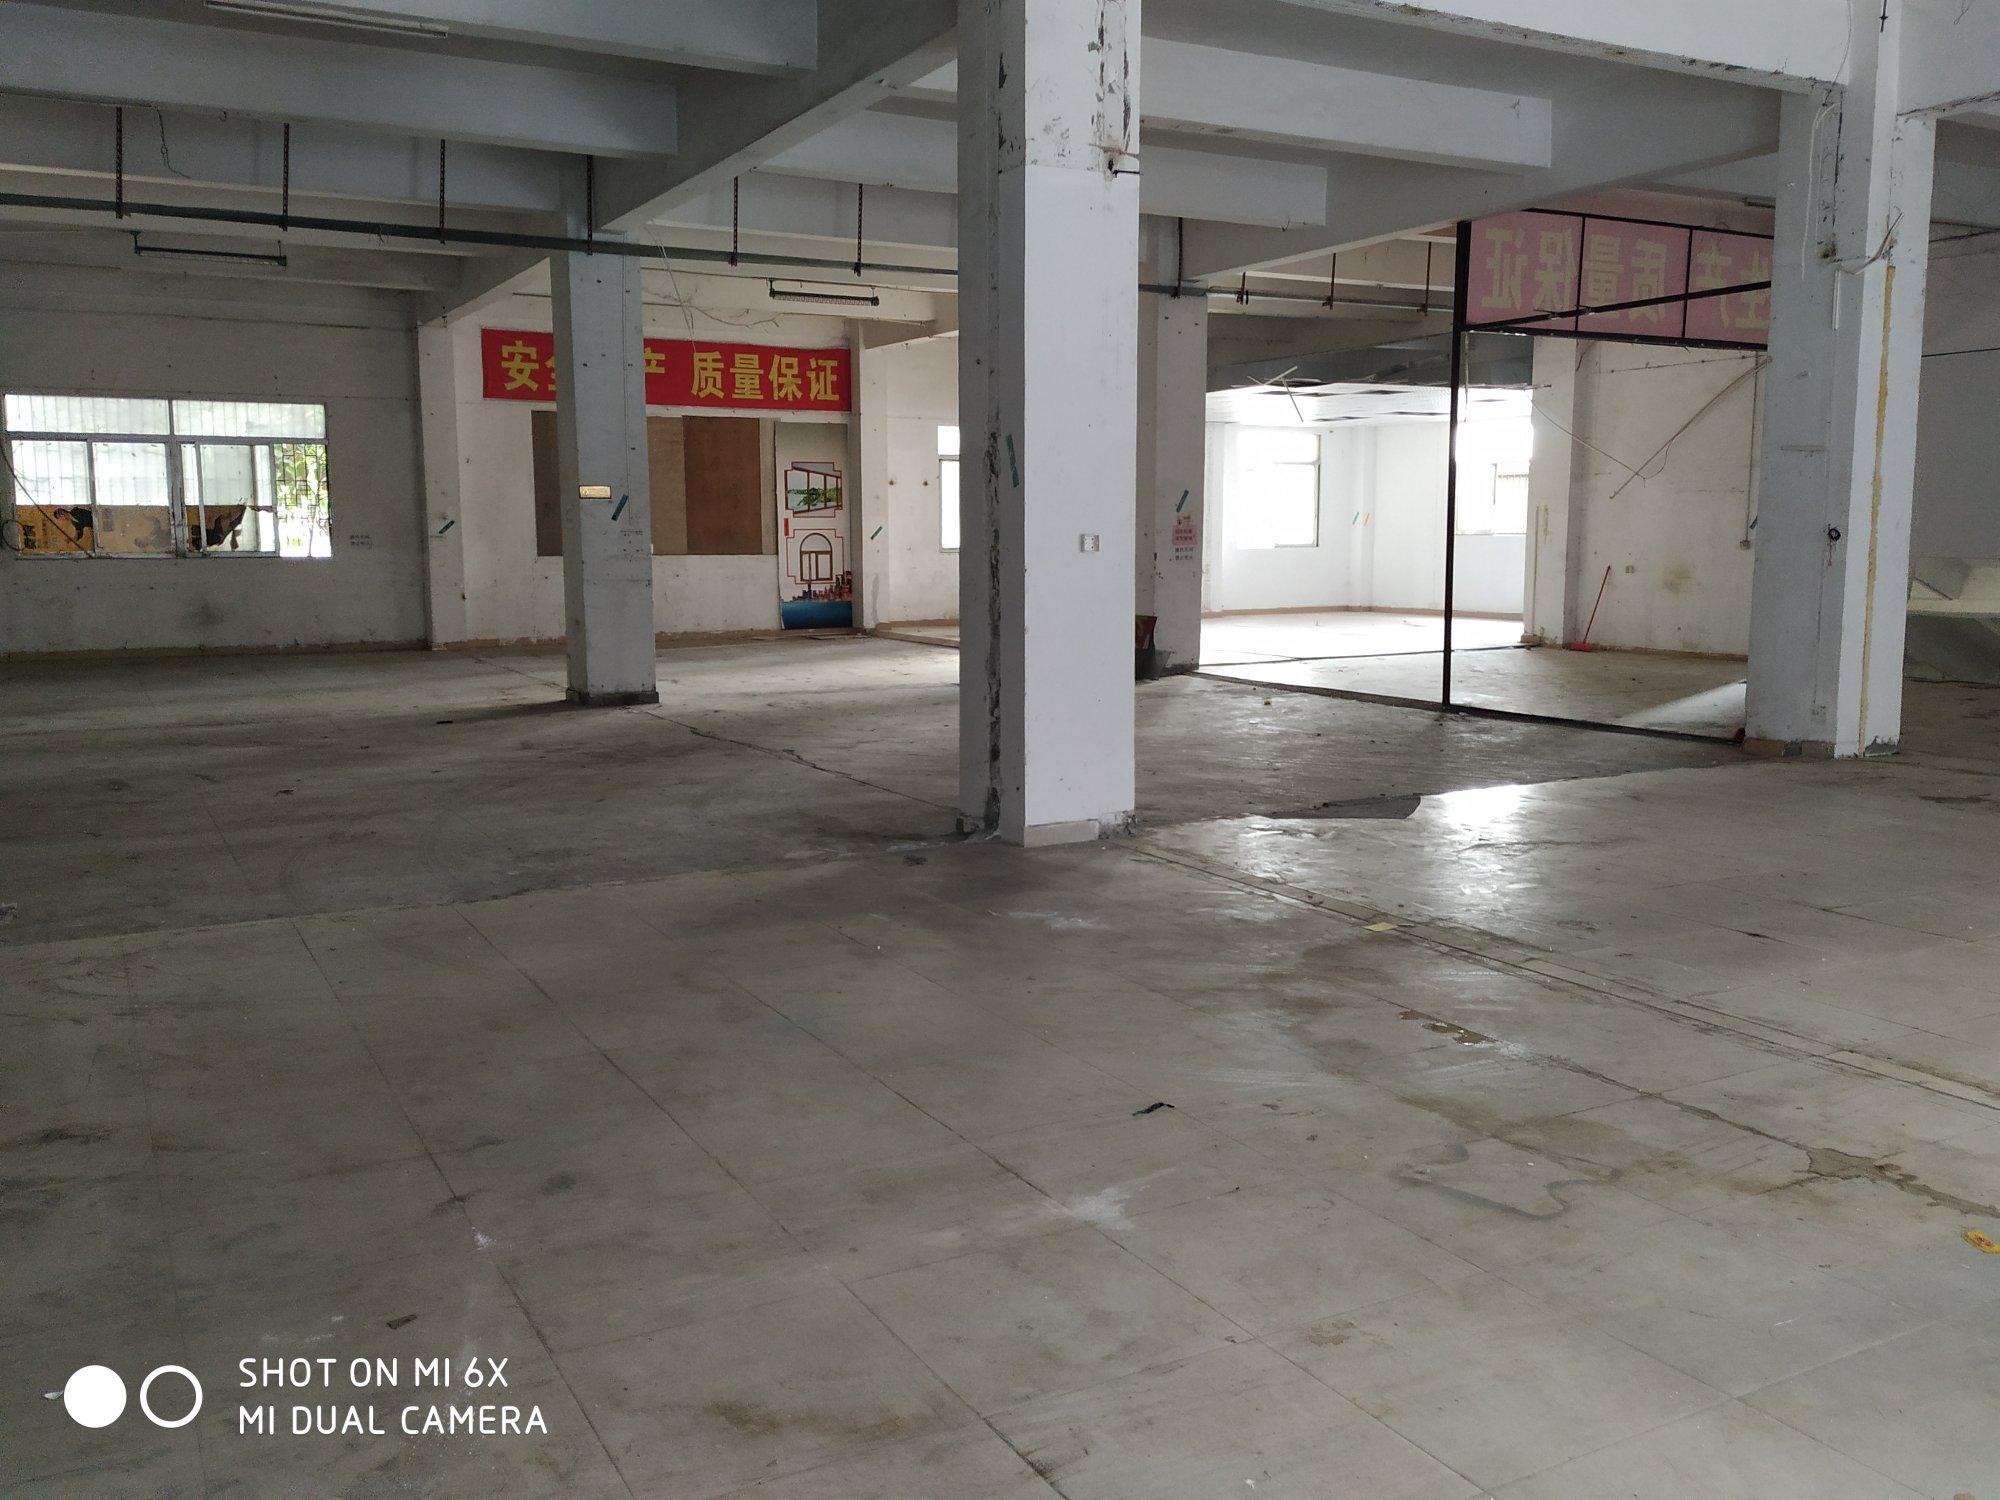 西乡九围洲石路大型工业园一楼标准厂房580平方出租